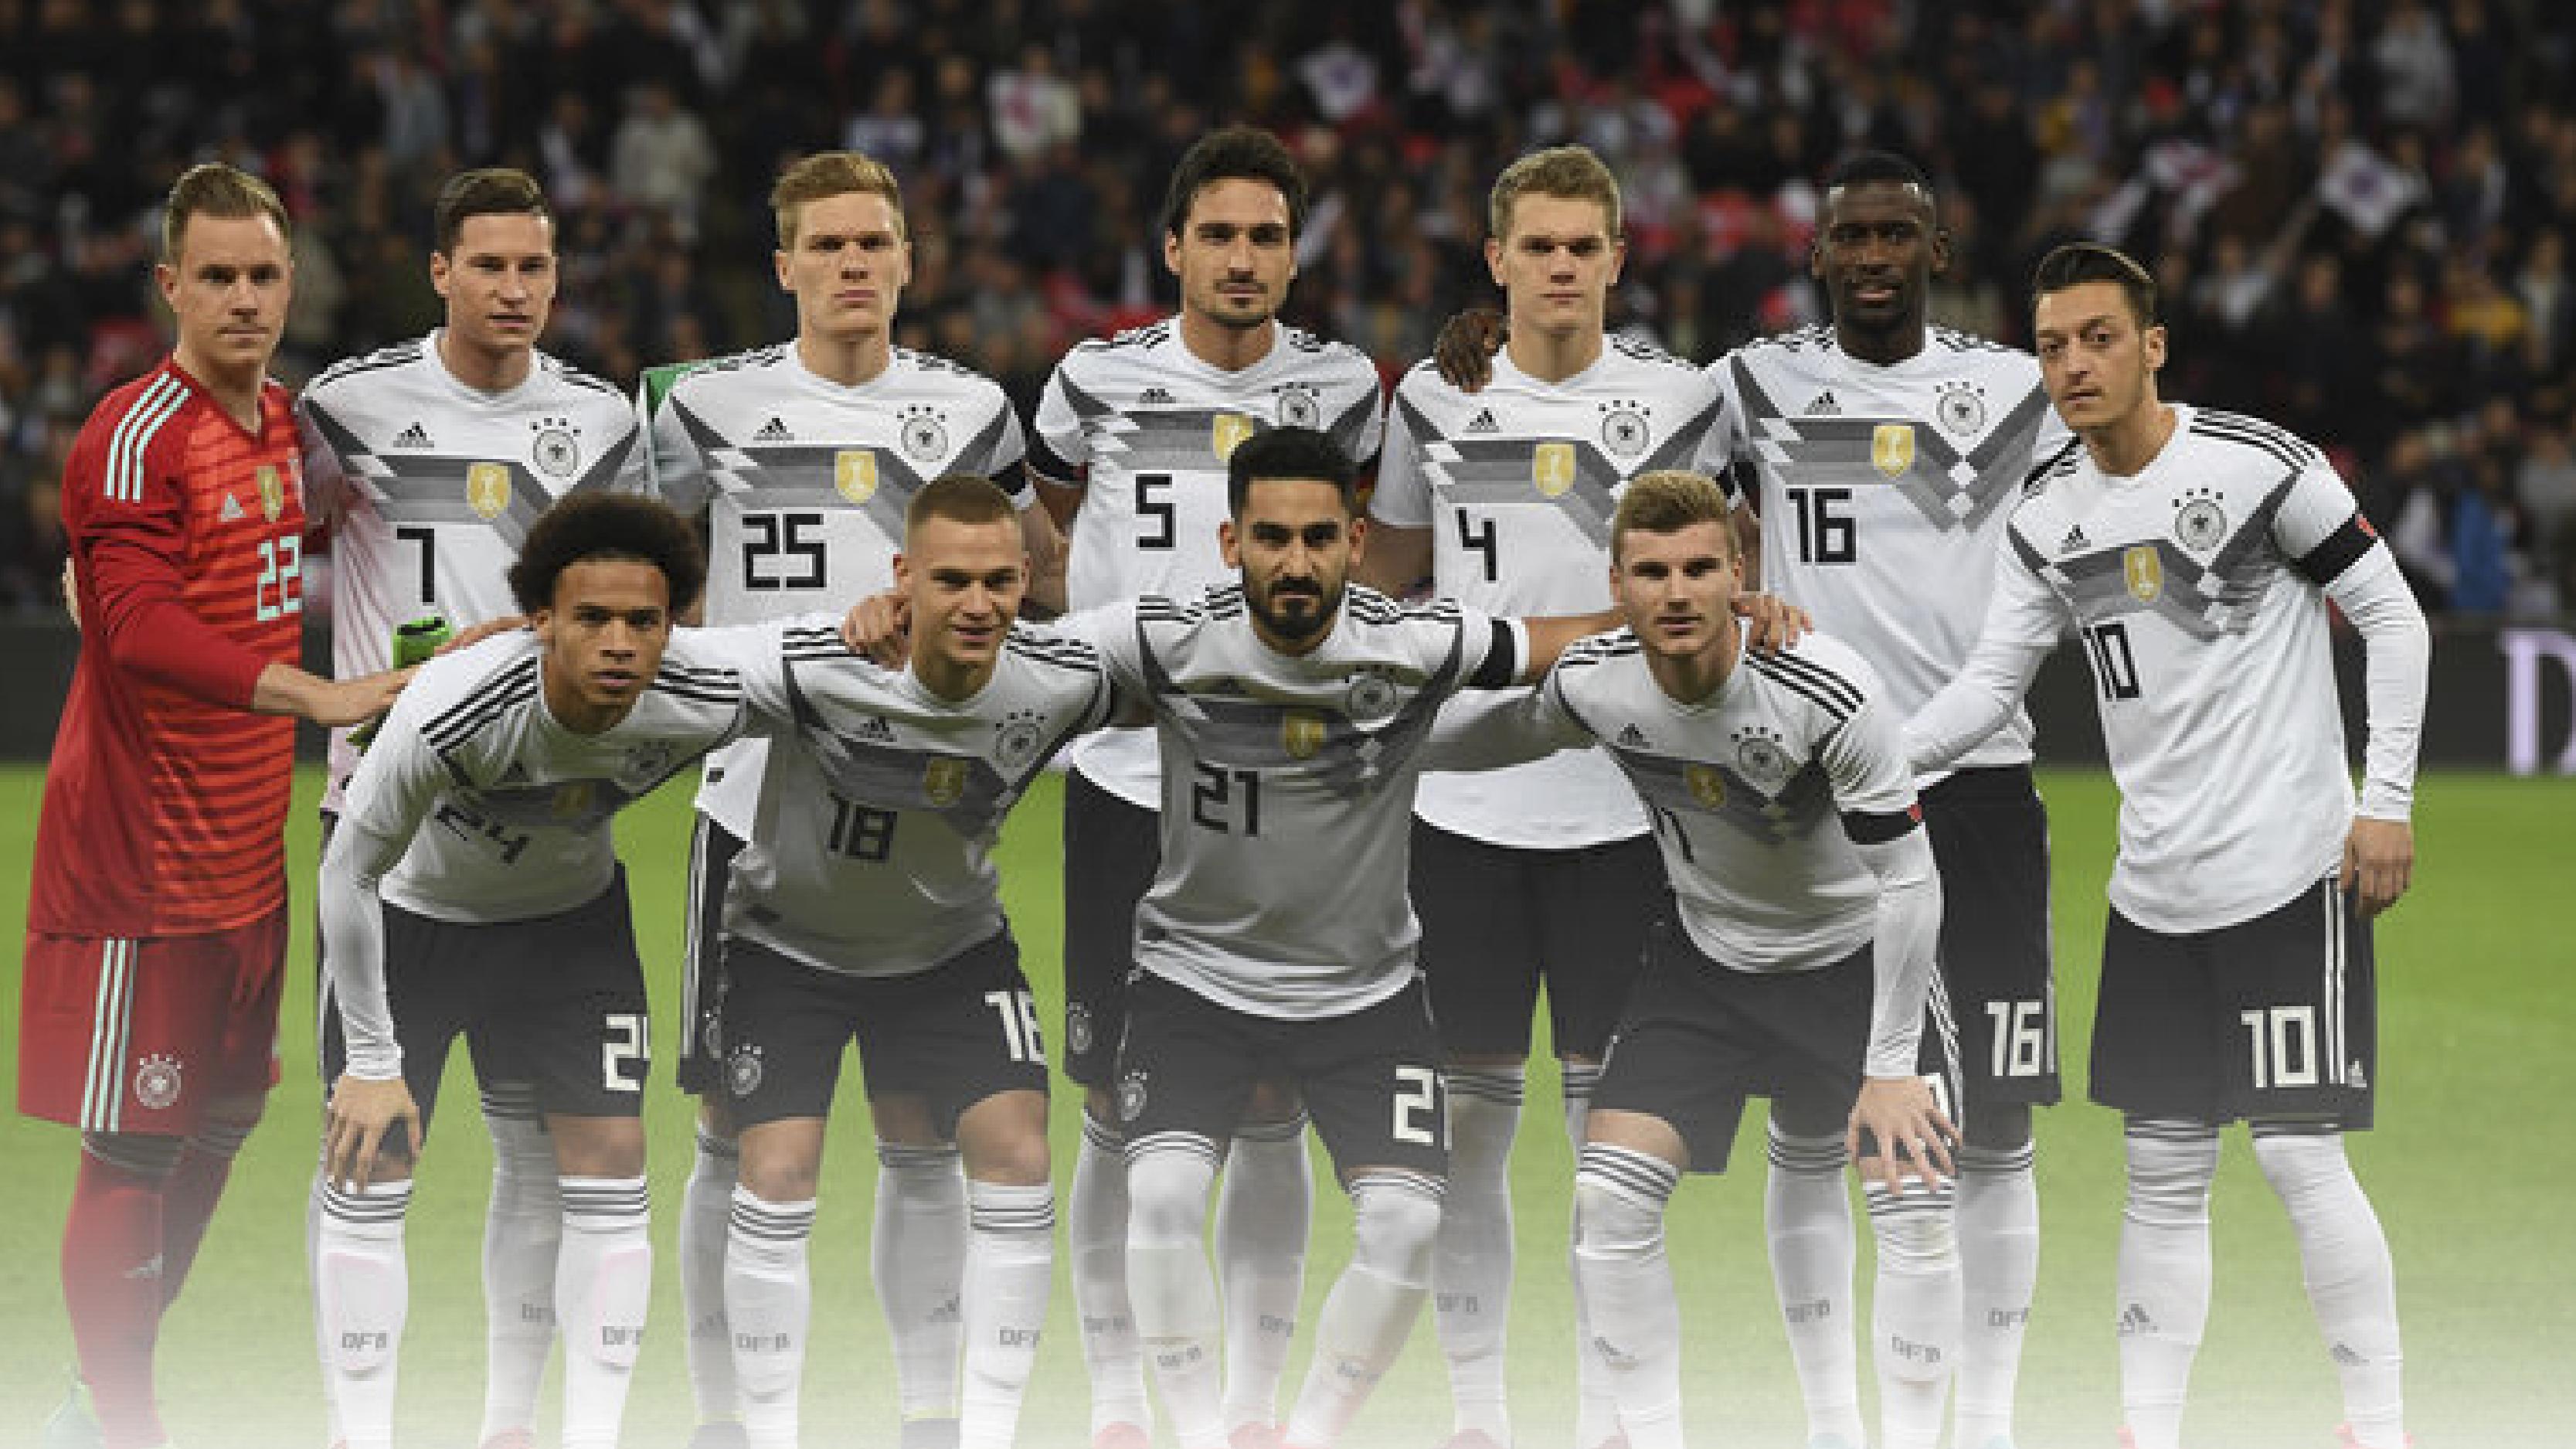 Adelanto del Ranking FIFA de marzo: pocos cambios respecto al mes anterior